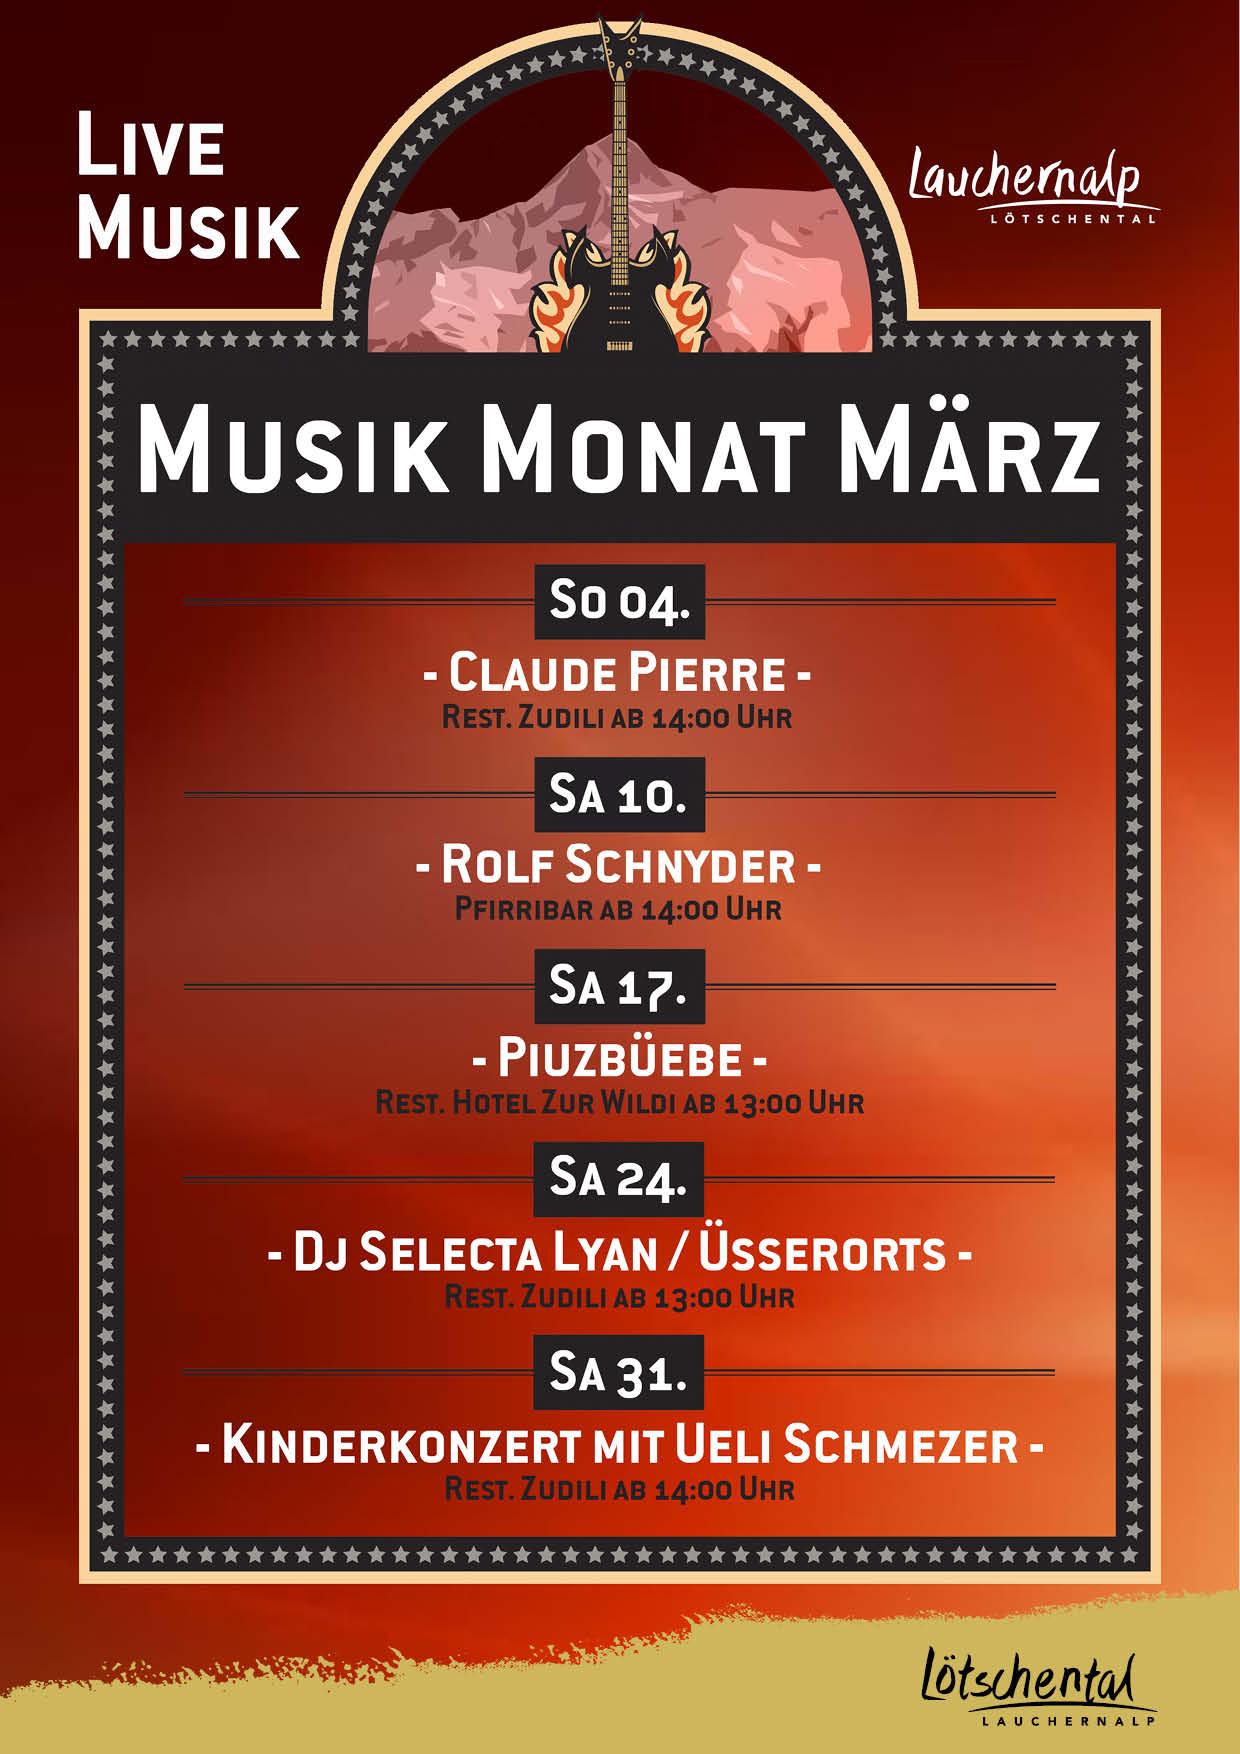 Musik Monat März - Kinderkonzert mit Ueli Schmezer